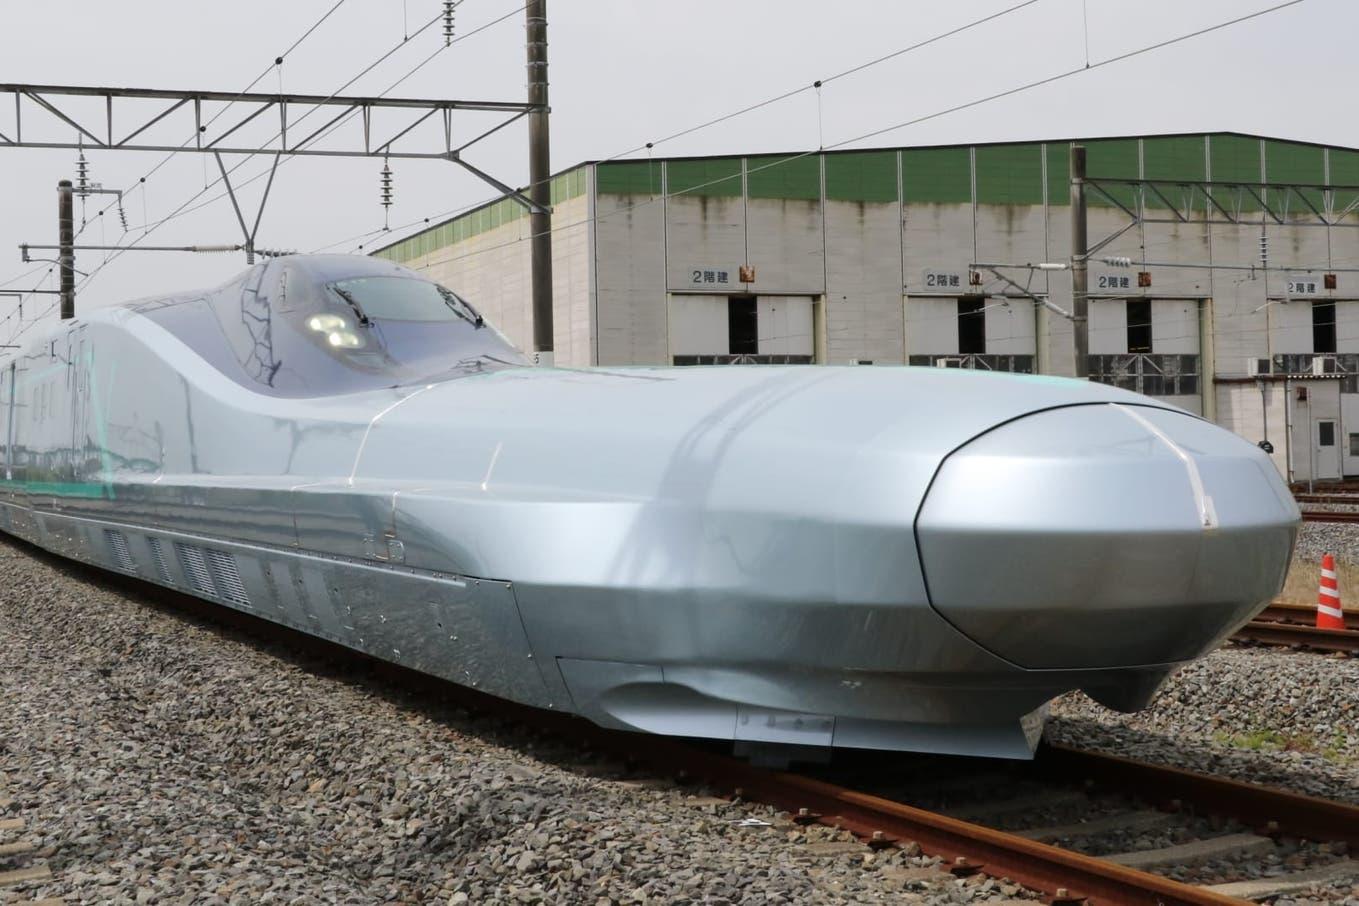 Actriz Porno Japonesa Shelvey Kawasaki japón comienza a probar un nuevo tren bala, el alfa-x